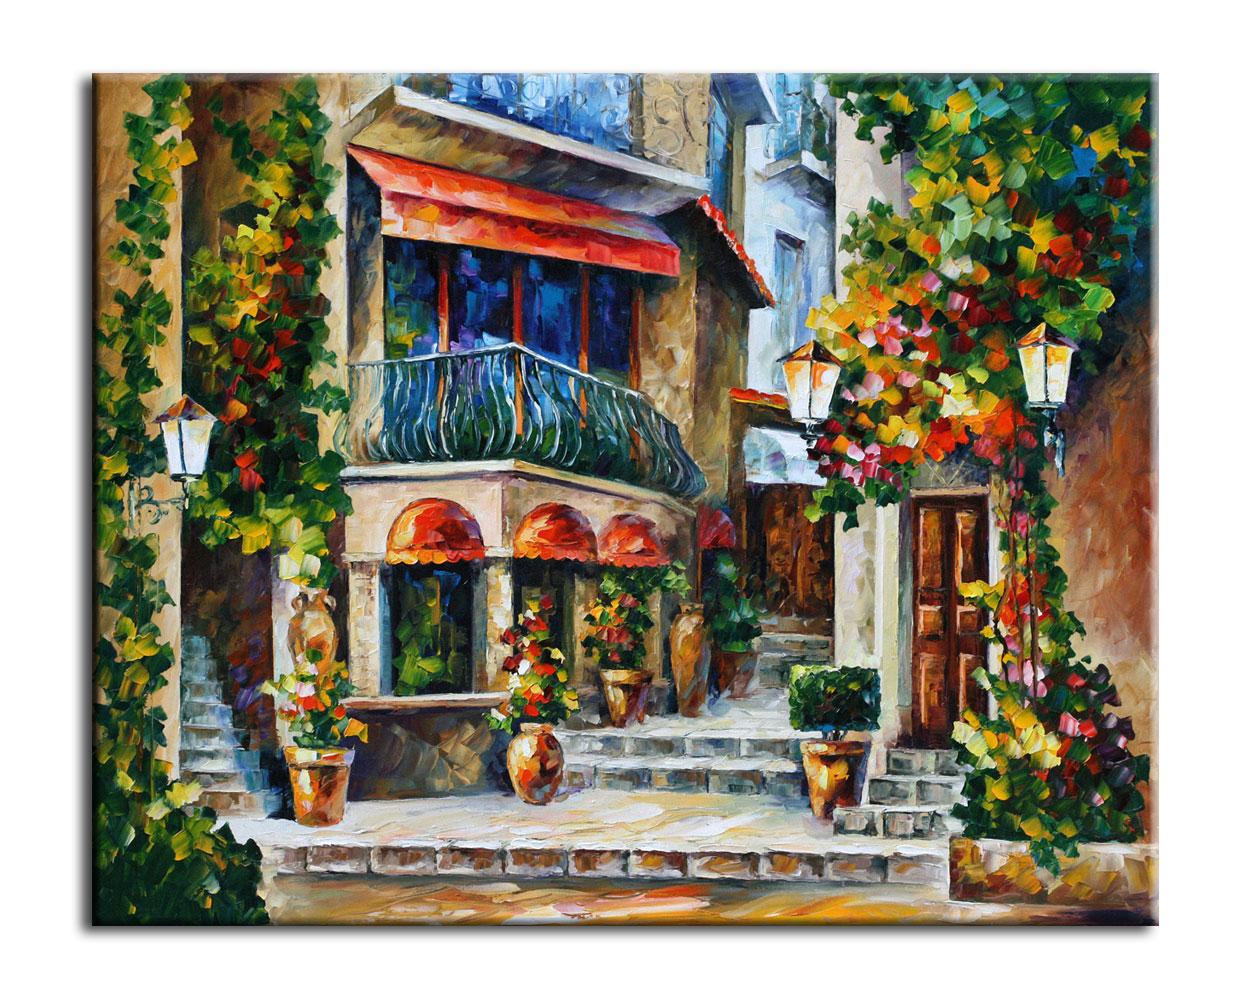 Картина Веченнее утро в СицилииКартины<br>Авторская копия картины Леонида Афремова в технике жекле.&amp;lt;div&amp;gt;&amp;lt;br&amp;gt;&amp;lt;/div&amp;gt;&amp;lt;div&amp;gt;Материал: натуральный холст, деревянный подрамник, лак,итальянский фактурный гель.&amp;lt;br&amp;gt;&amp;lt;/div&amp;gt;<br><br>Material: Холст<br>Width см: 50<br>Depth см: 3<br>Height см: 40